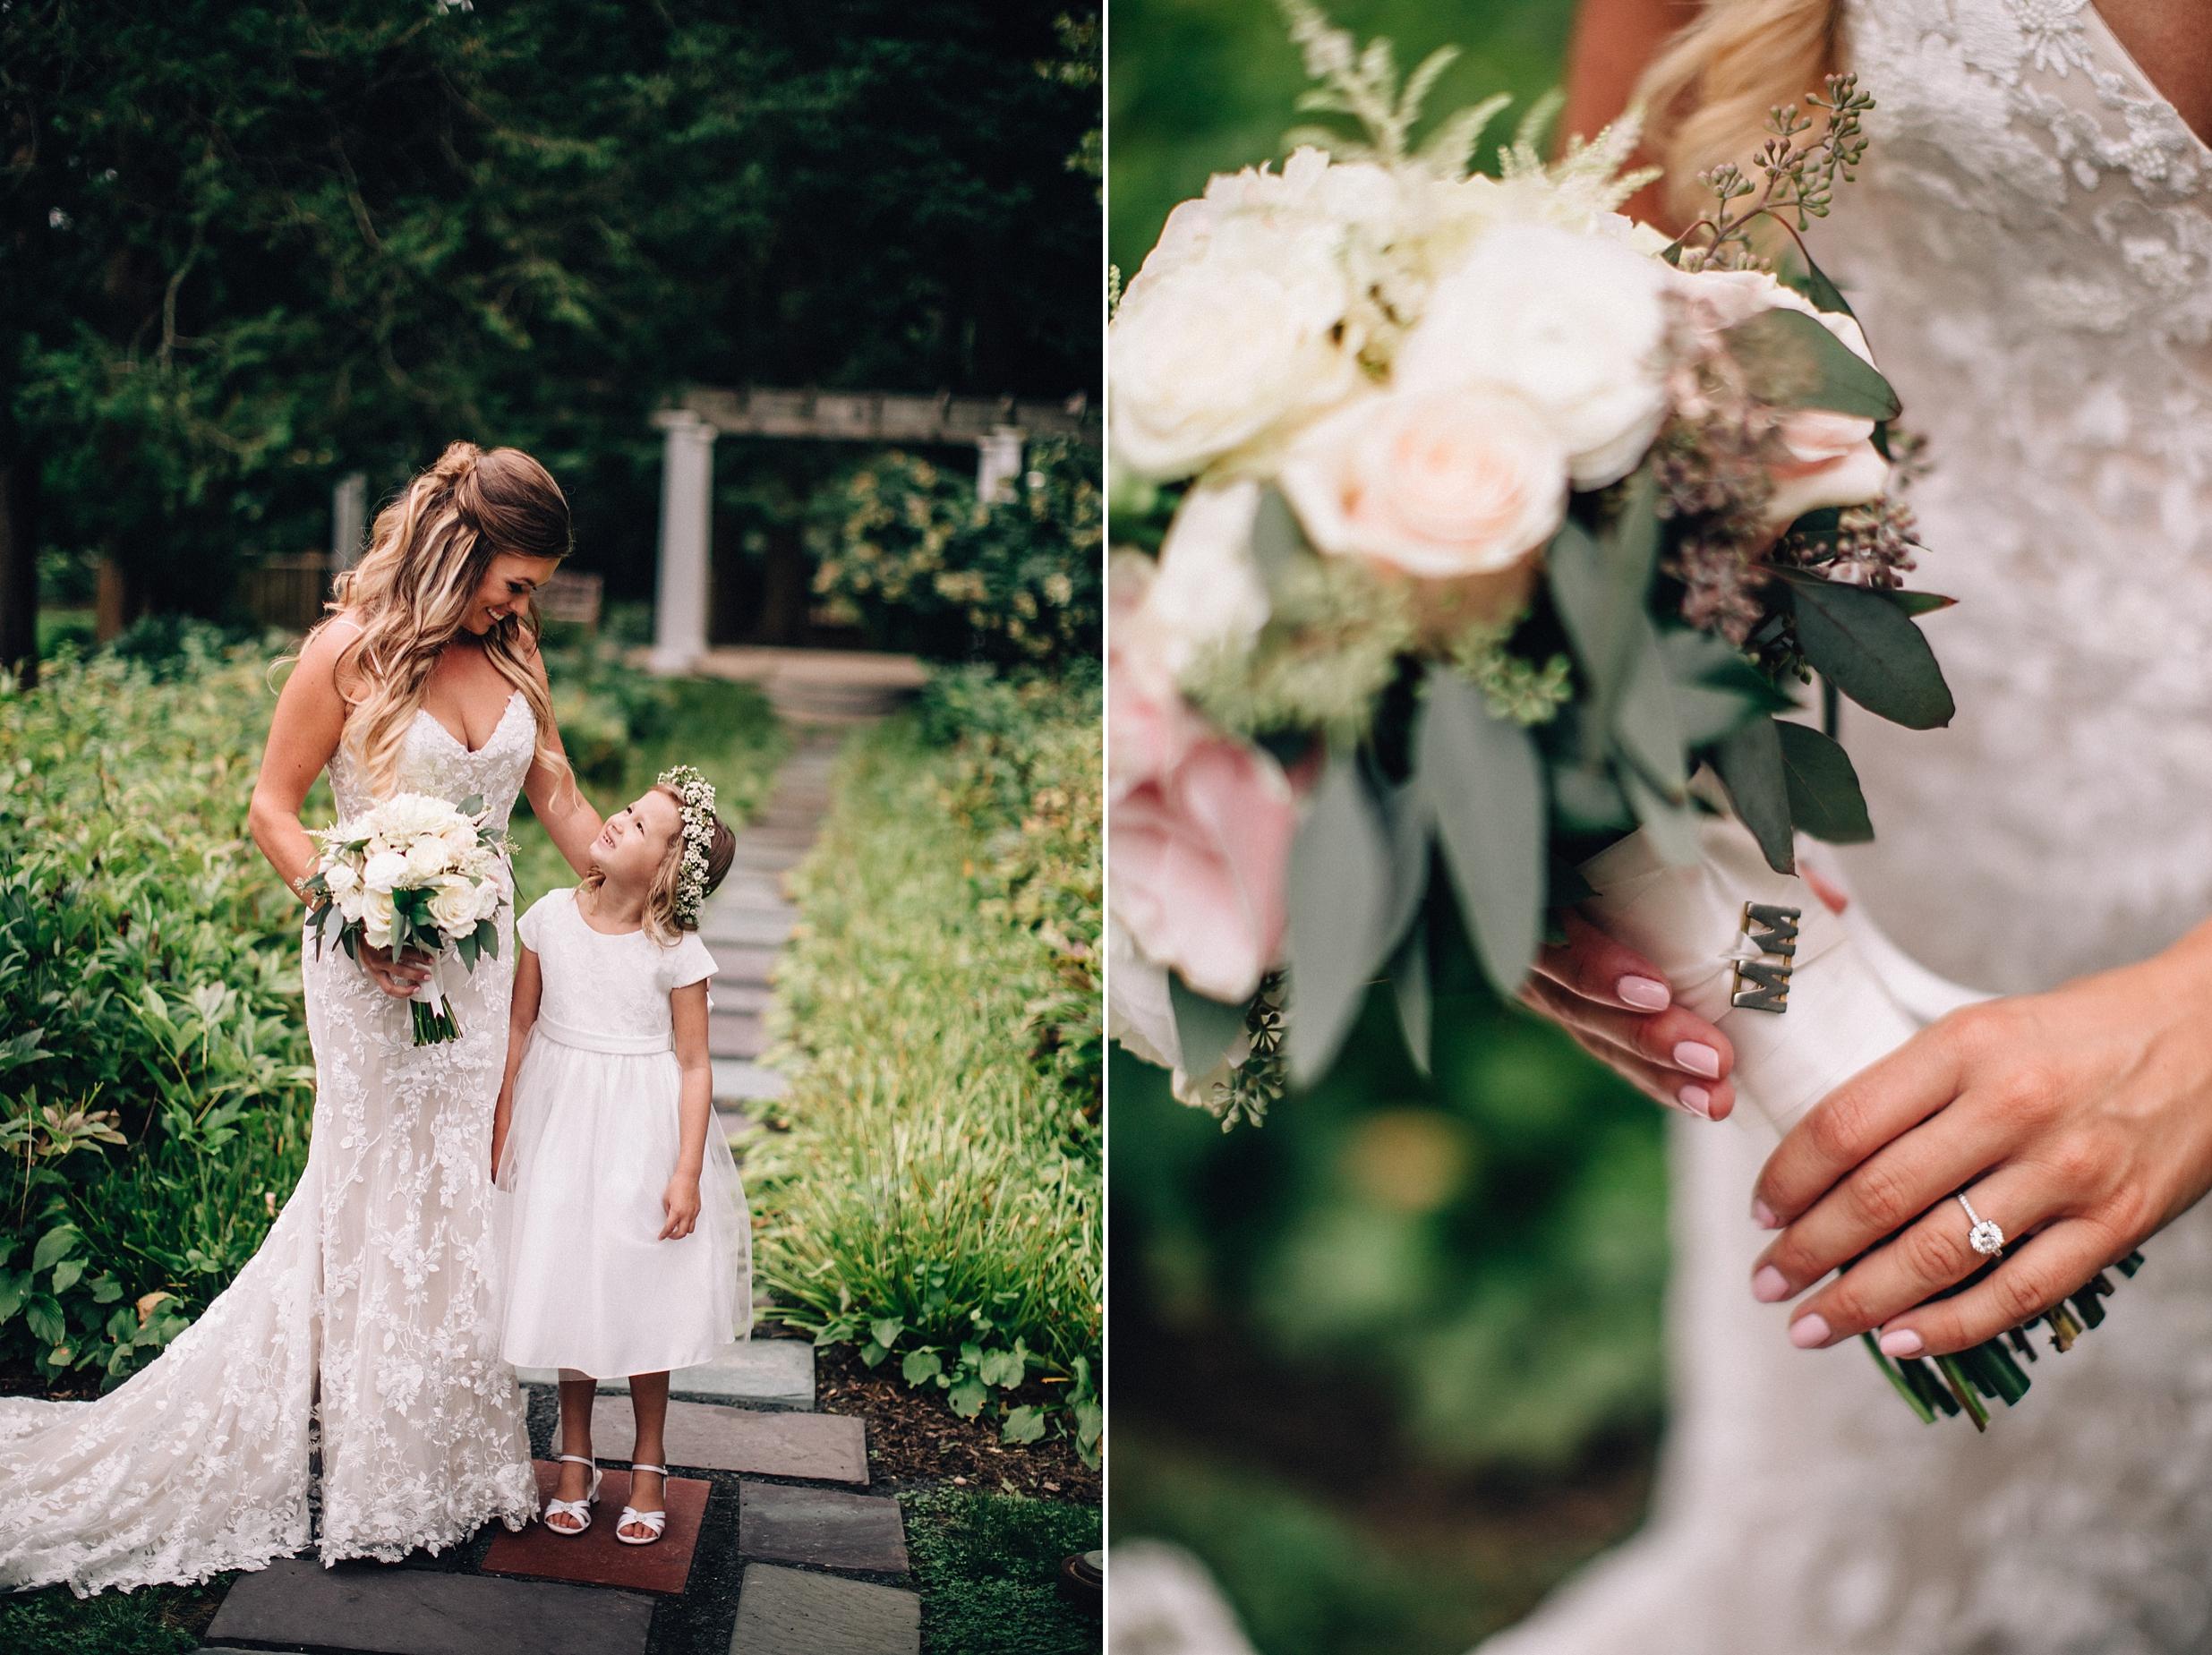 jersey-outdoor-ceremony-wedding-navasink-monmouth-rumson_0022.jpg